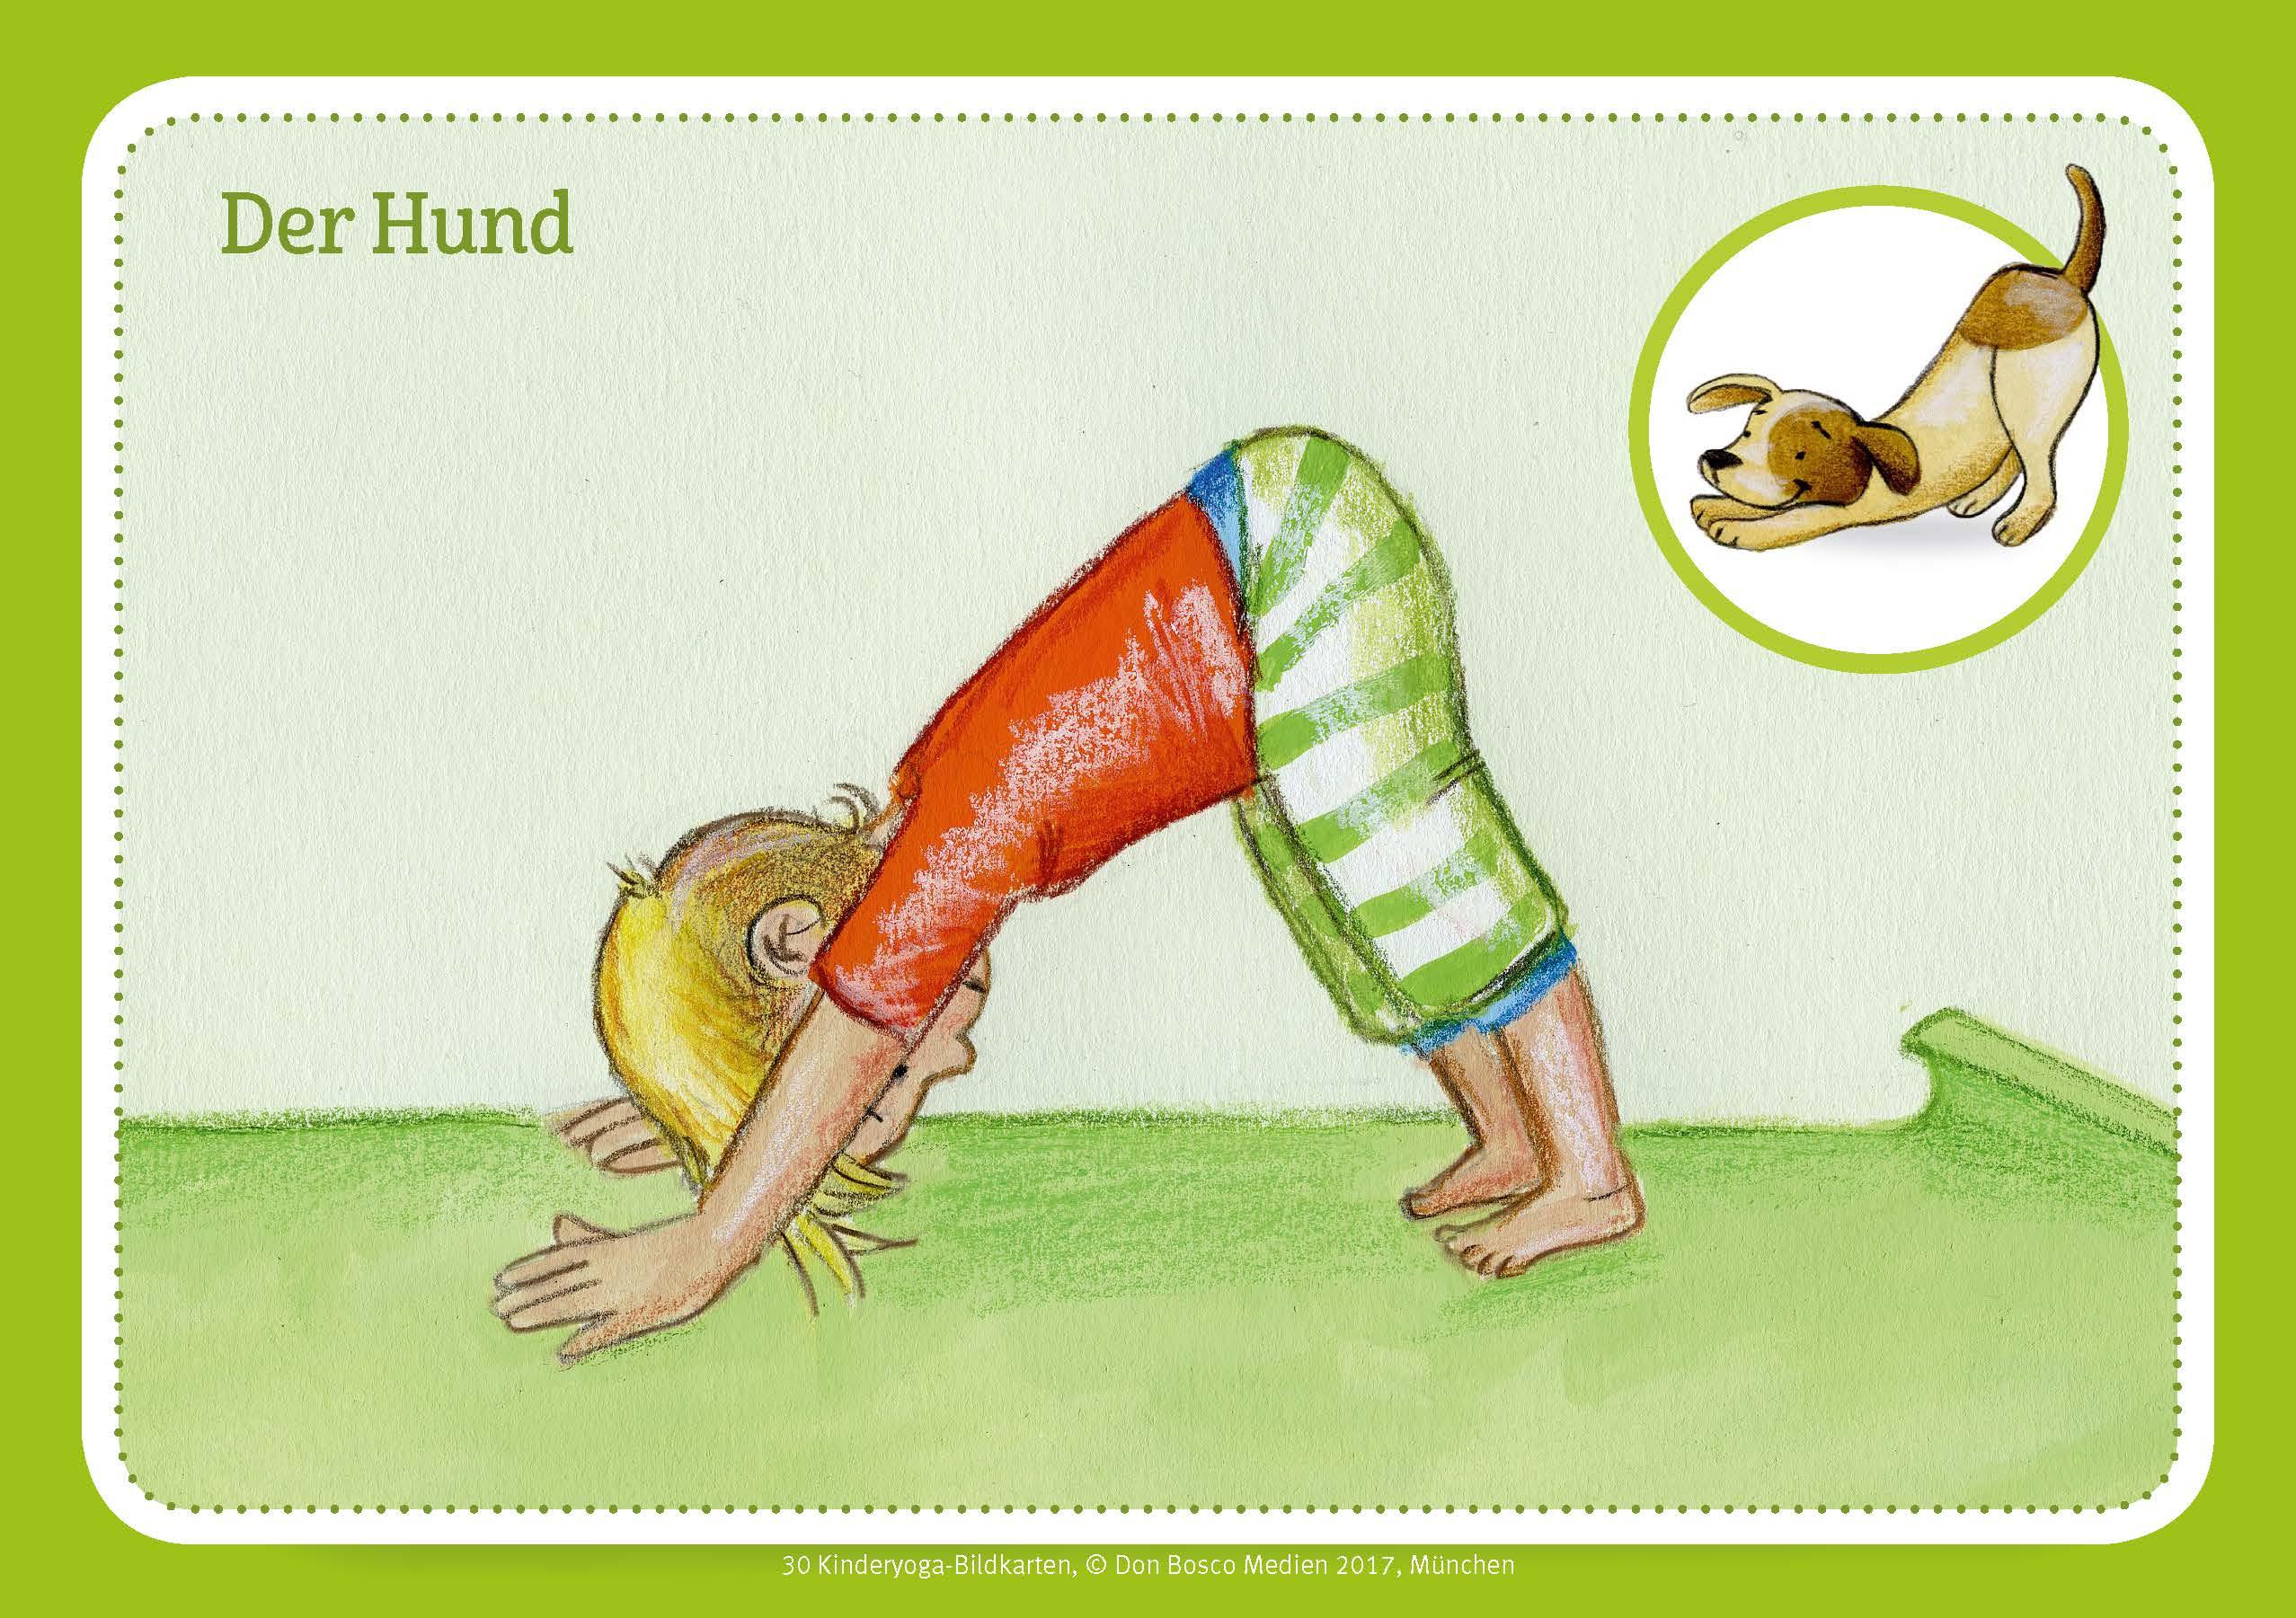 Innenansicht zu 30 Kinderyoga-Bildkarten